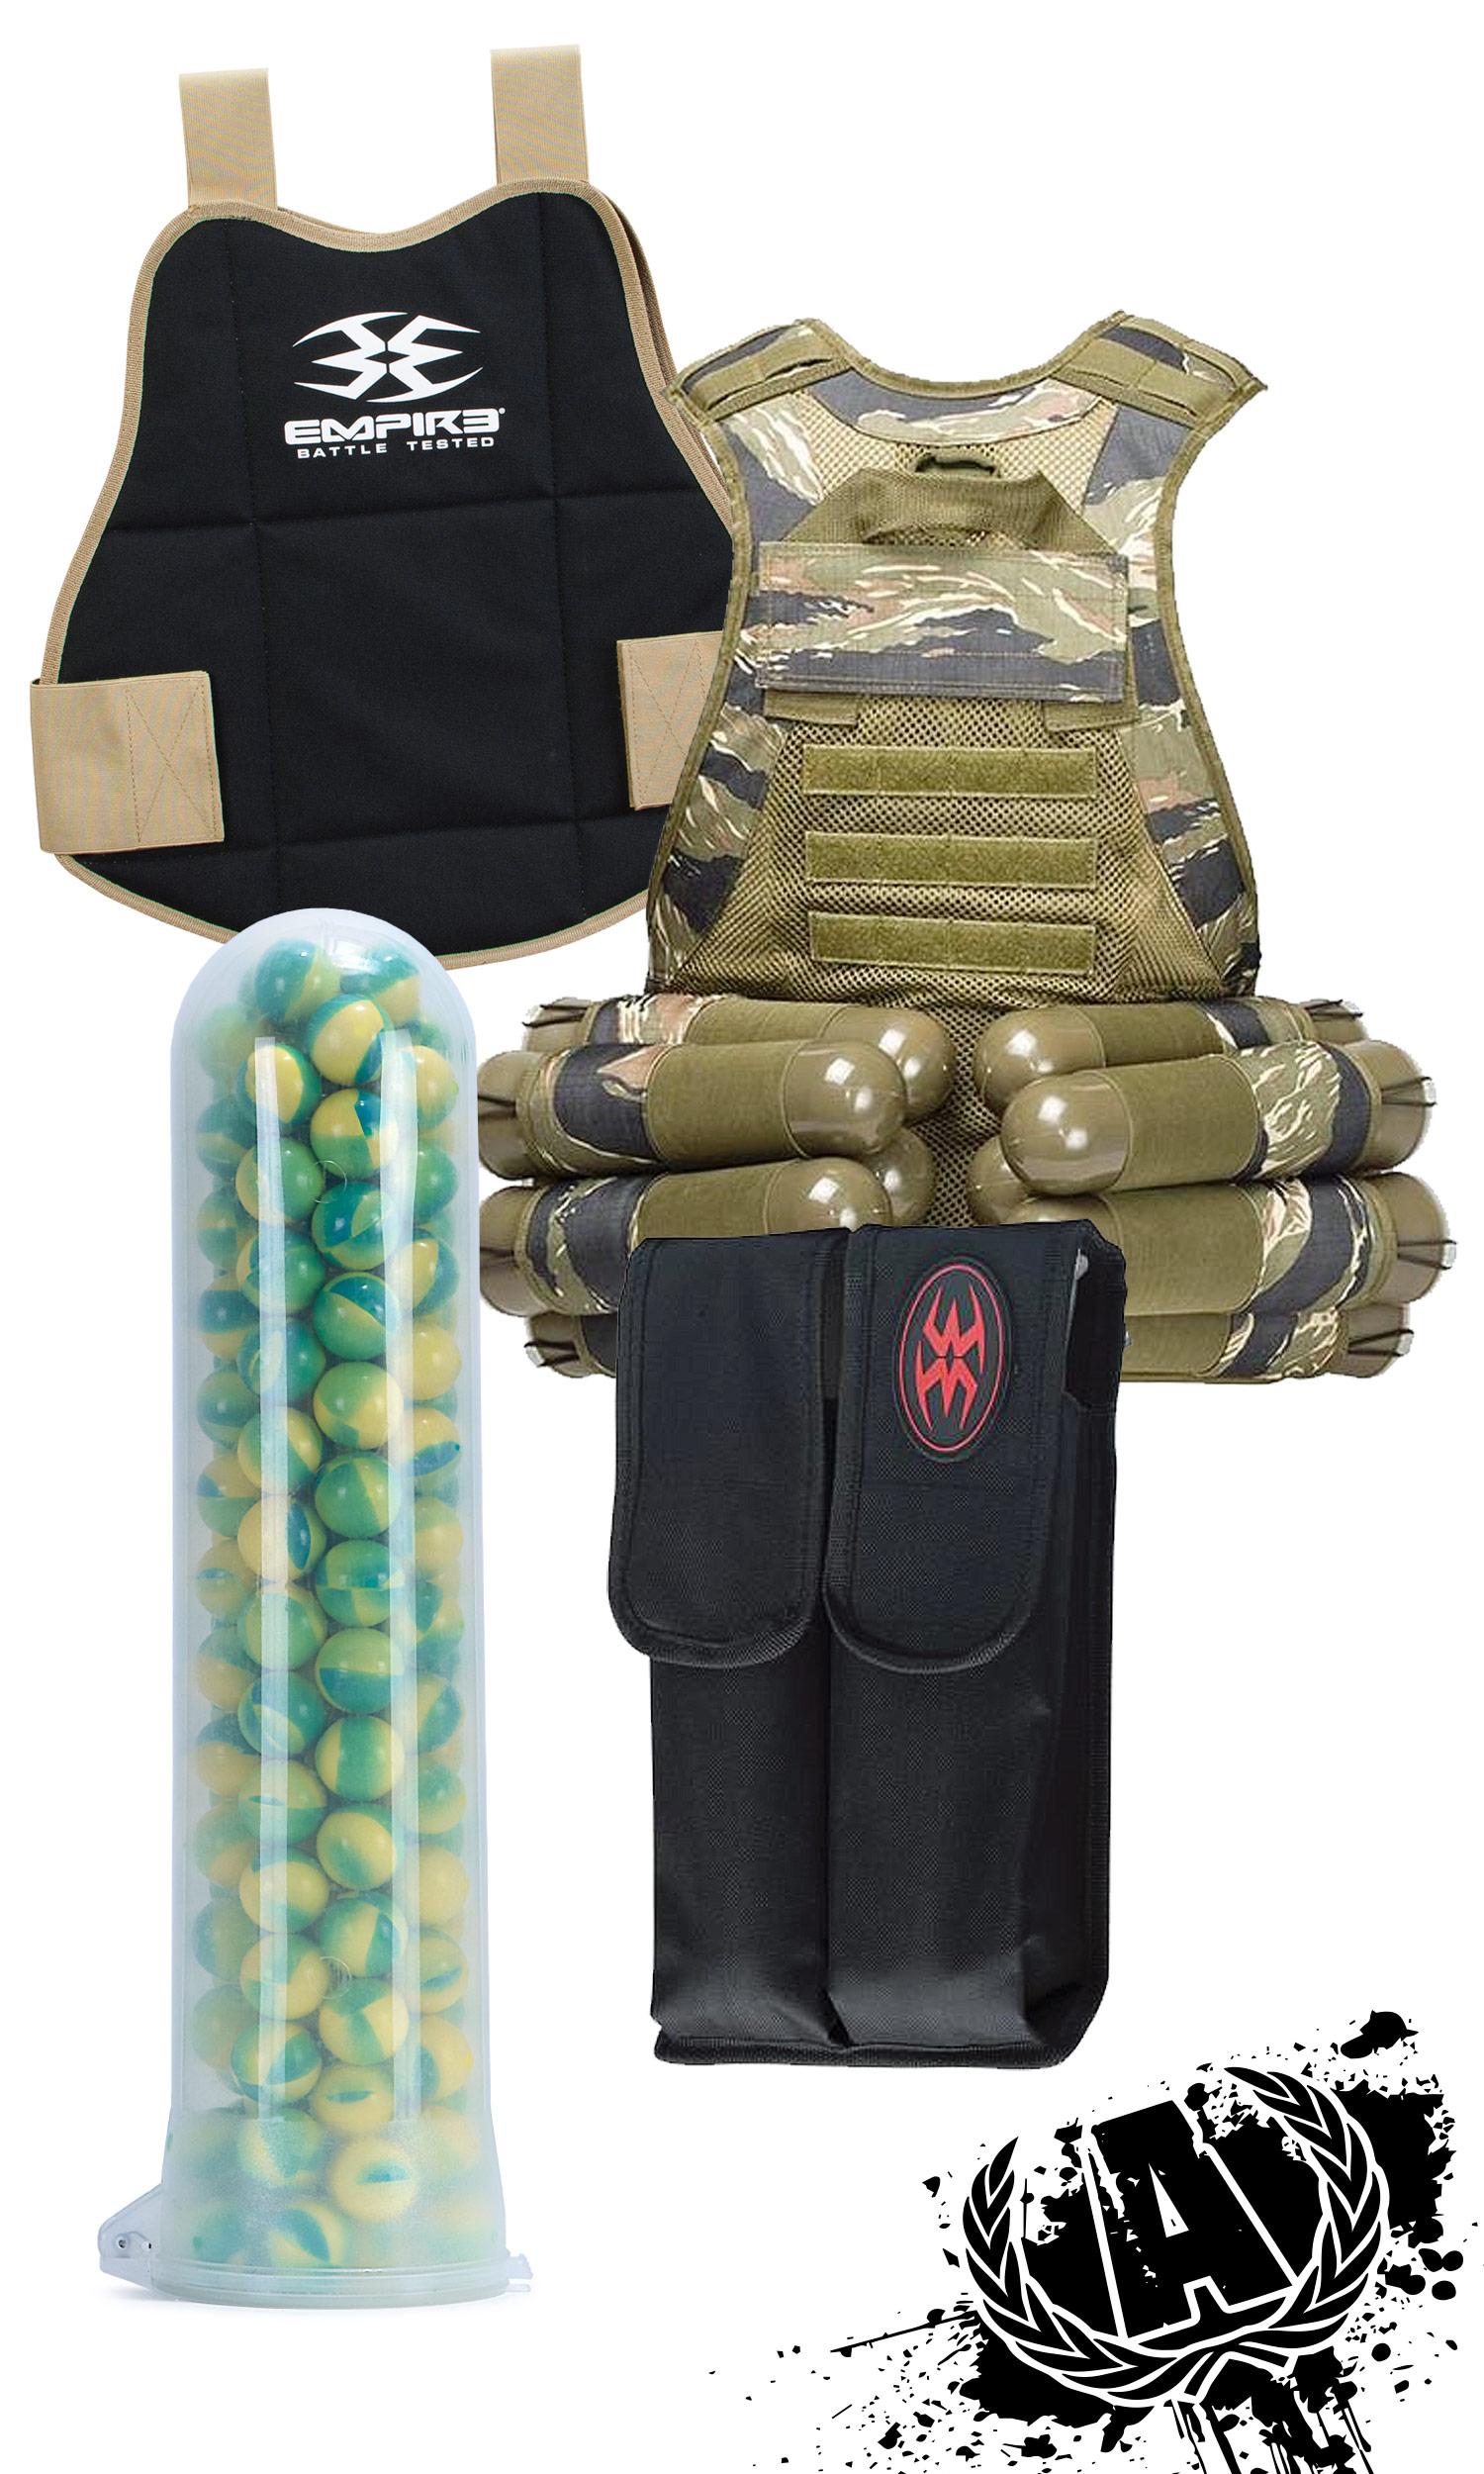 Protective Vest, Vest & Paintball carrier or Belt Paintball carrier    (Additional Paintballs not included)     Protective Vest $4.99 Vest carrier   $9.99  Belt carrier   $4.99